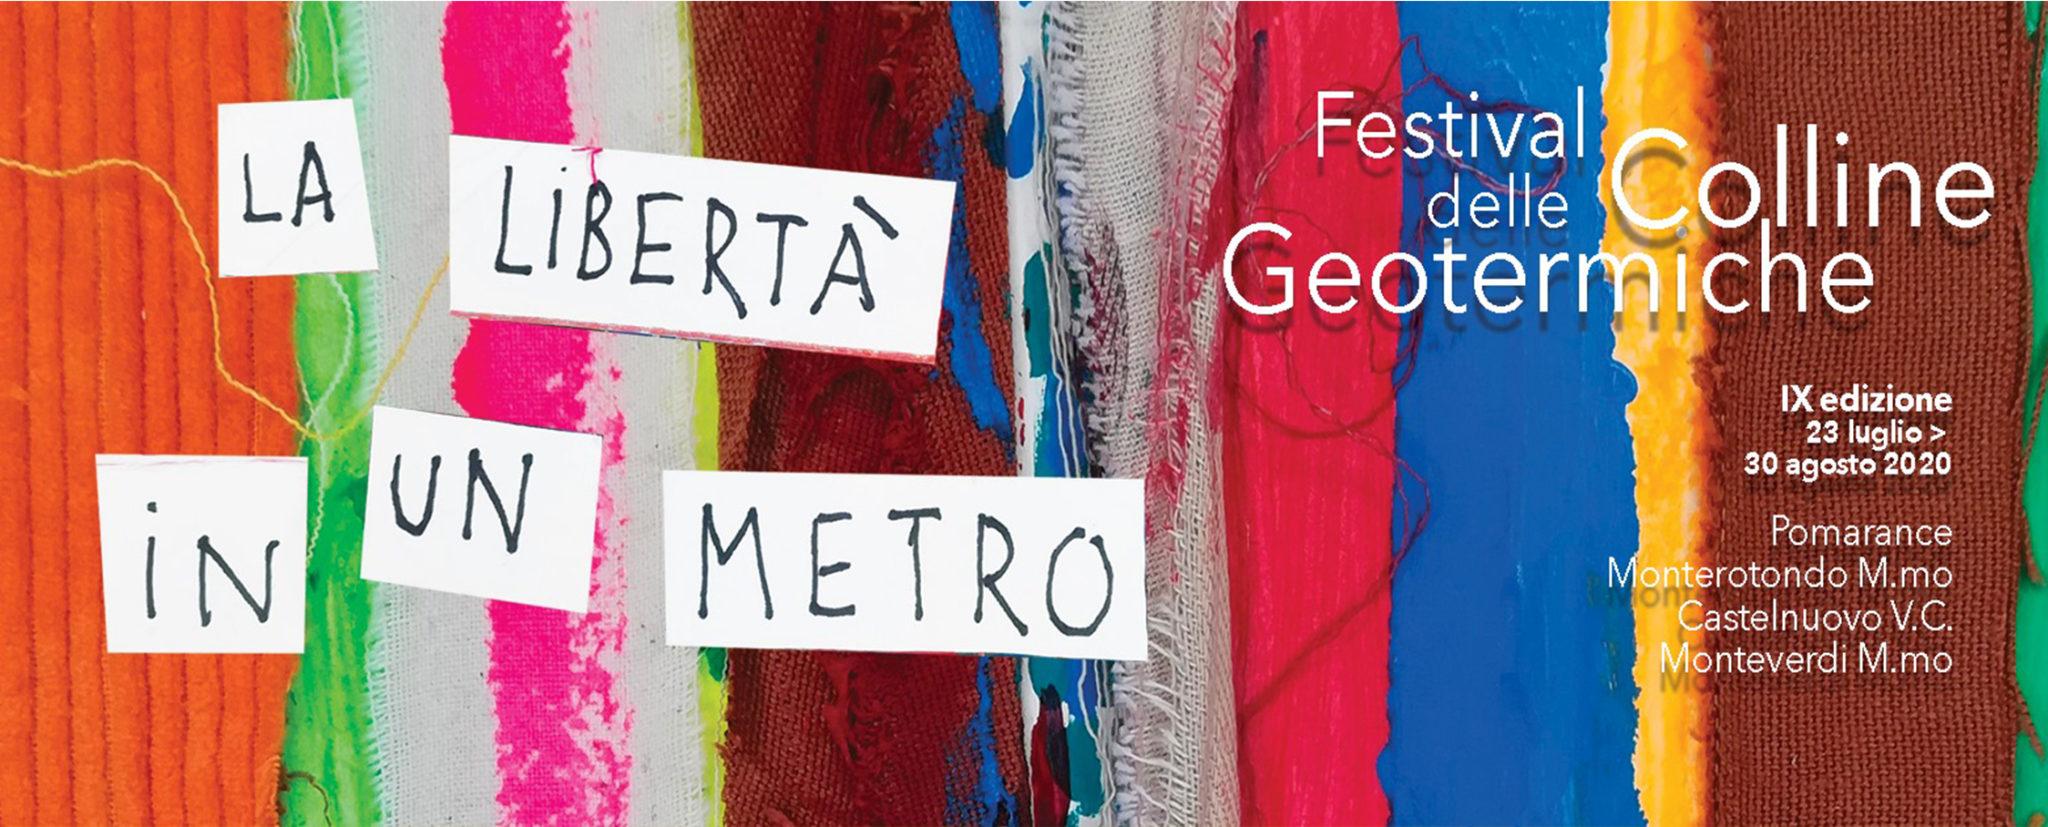 Festival delle Colline Geotermiche, 9° edizione